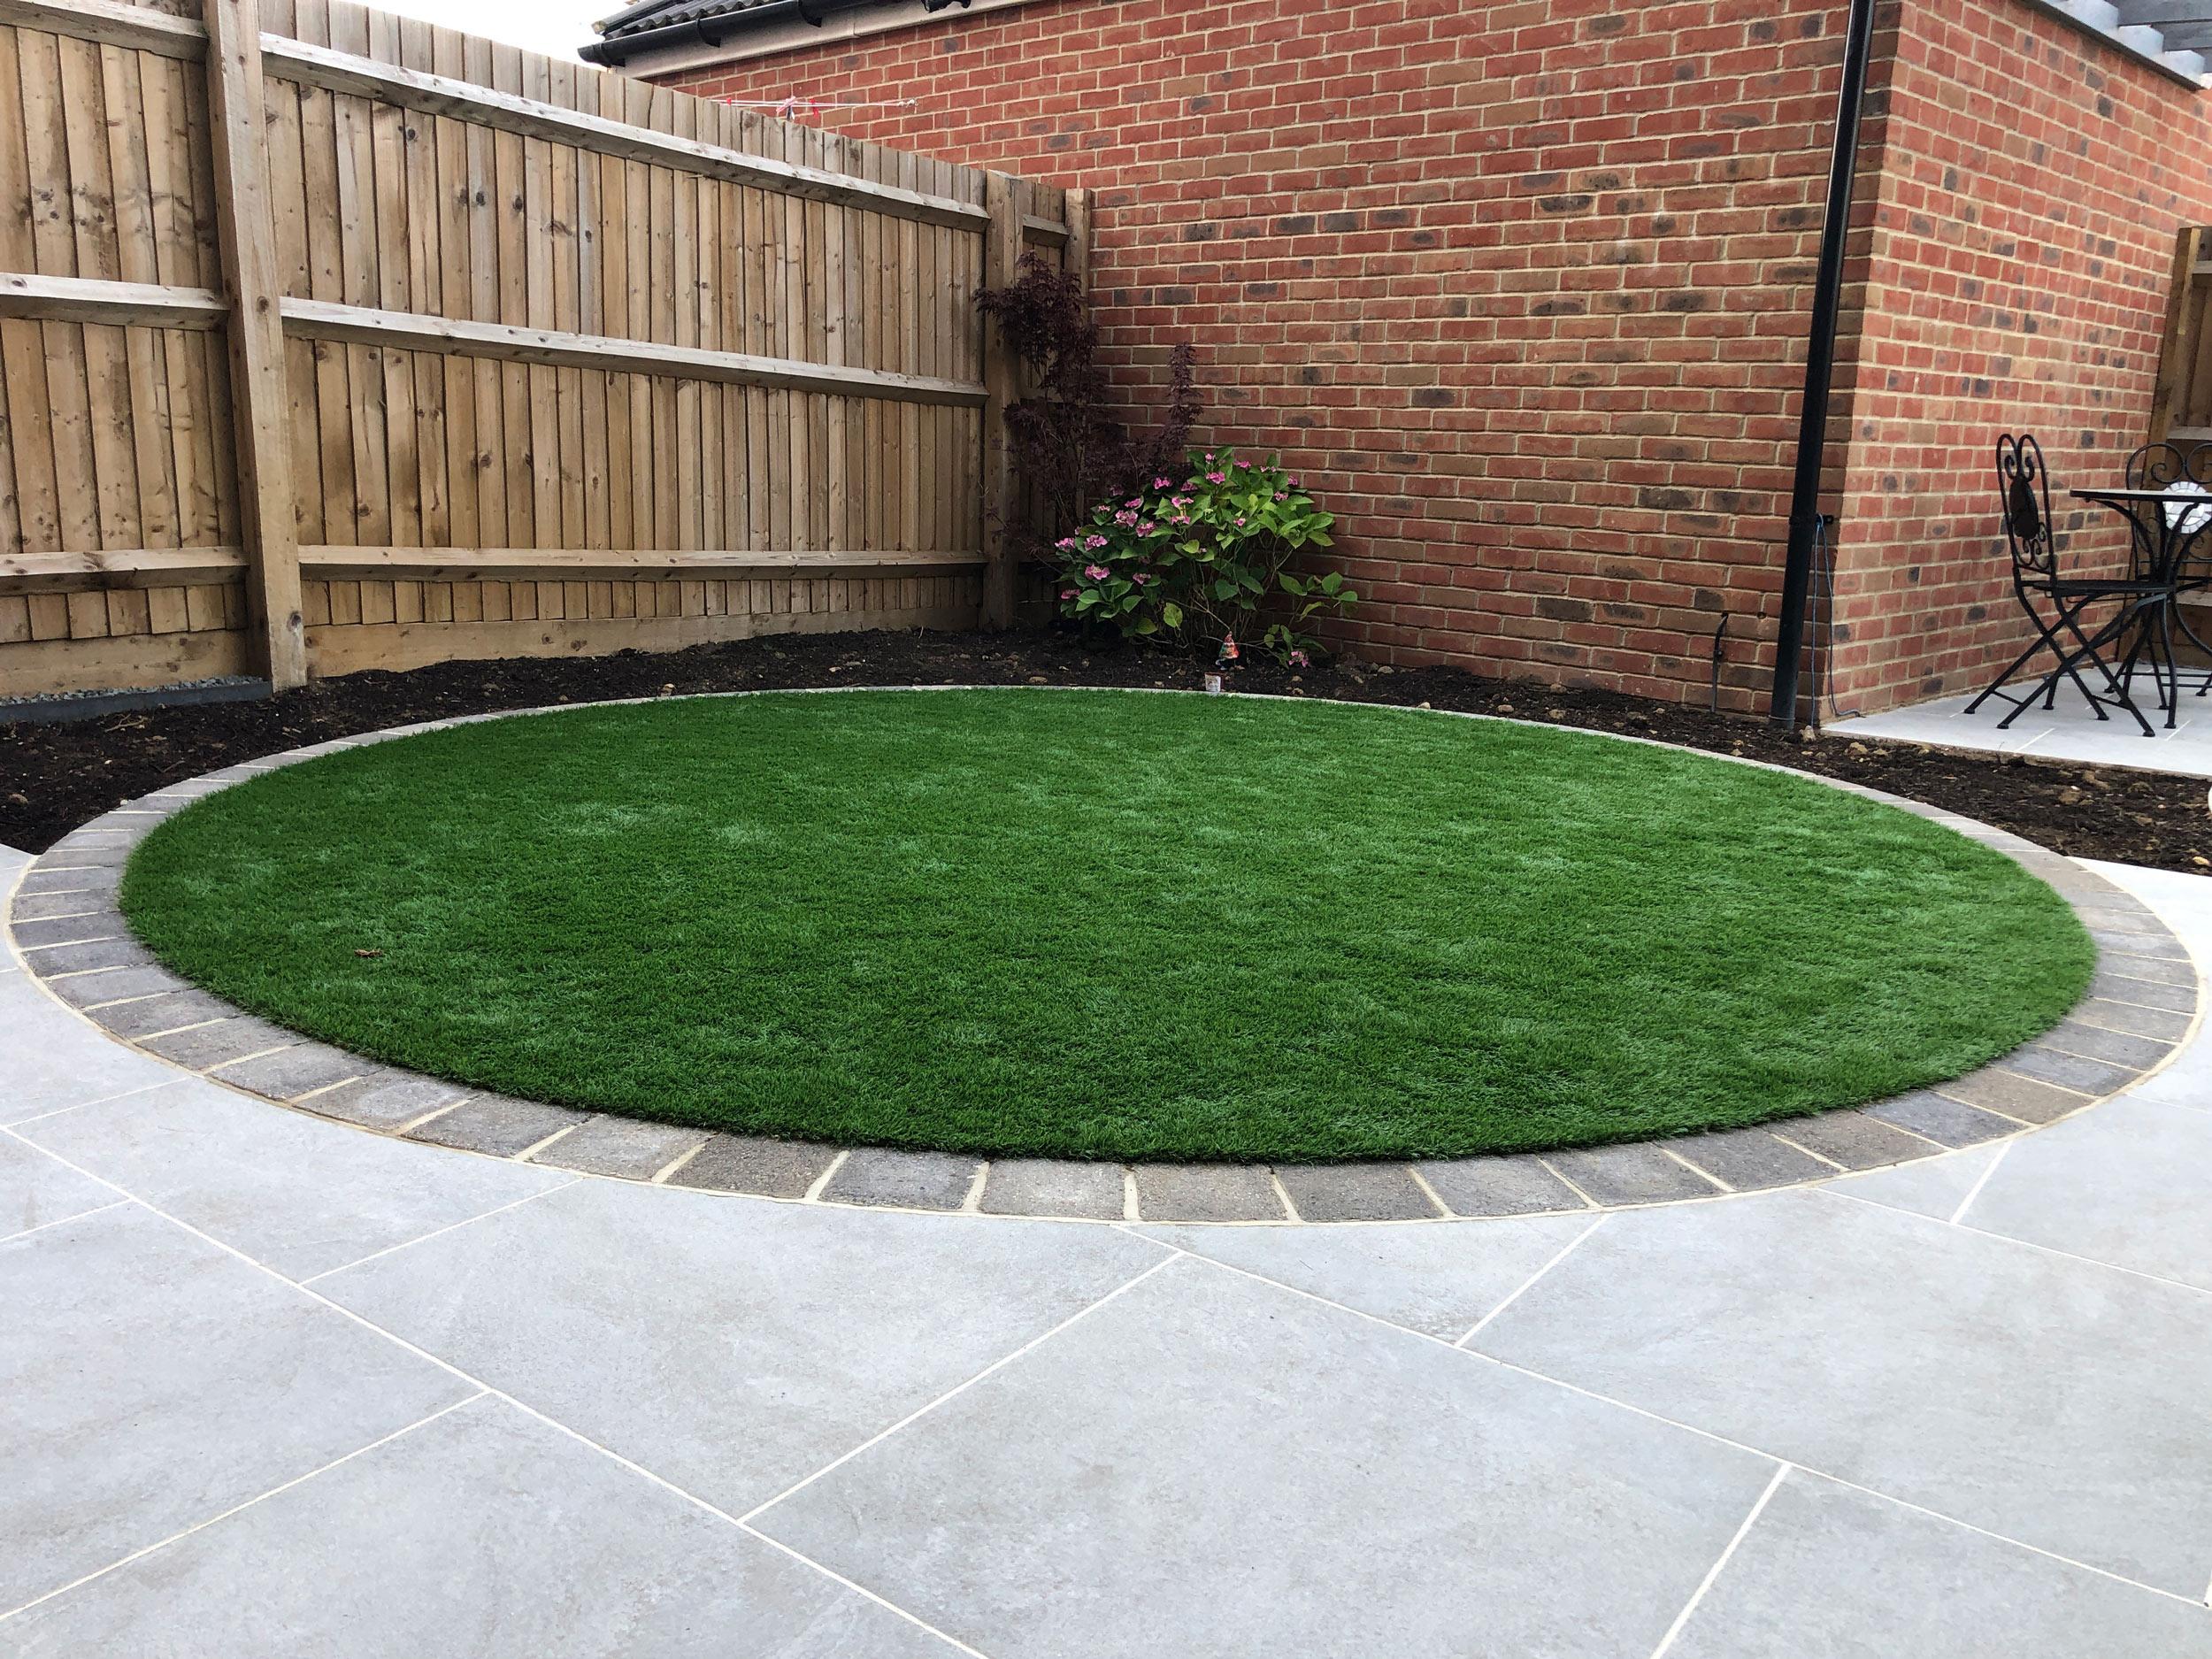 circular artificial lawn in modern contemporary garden